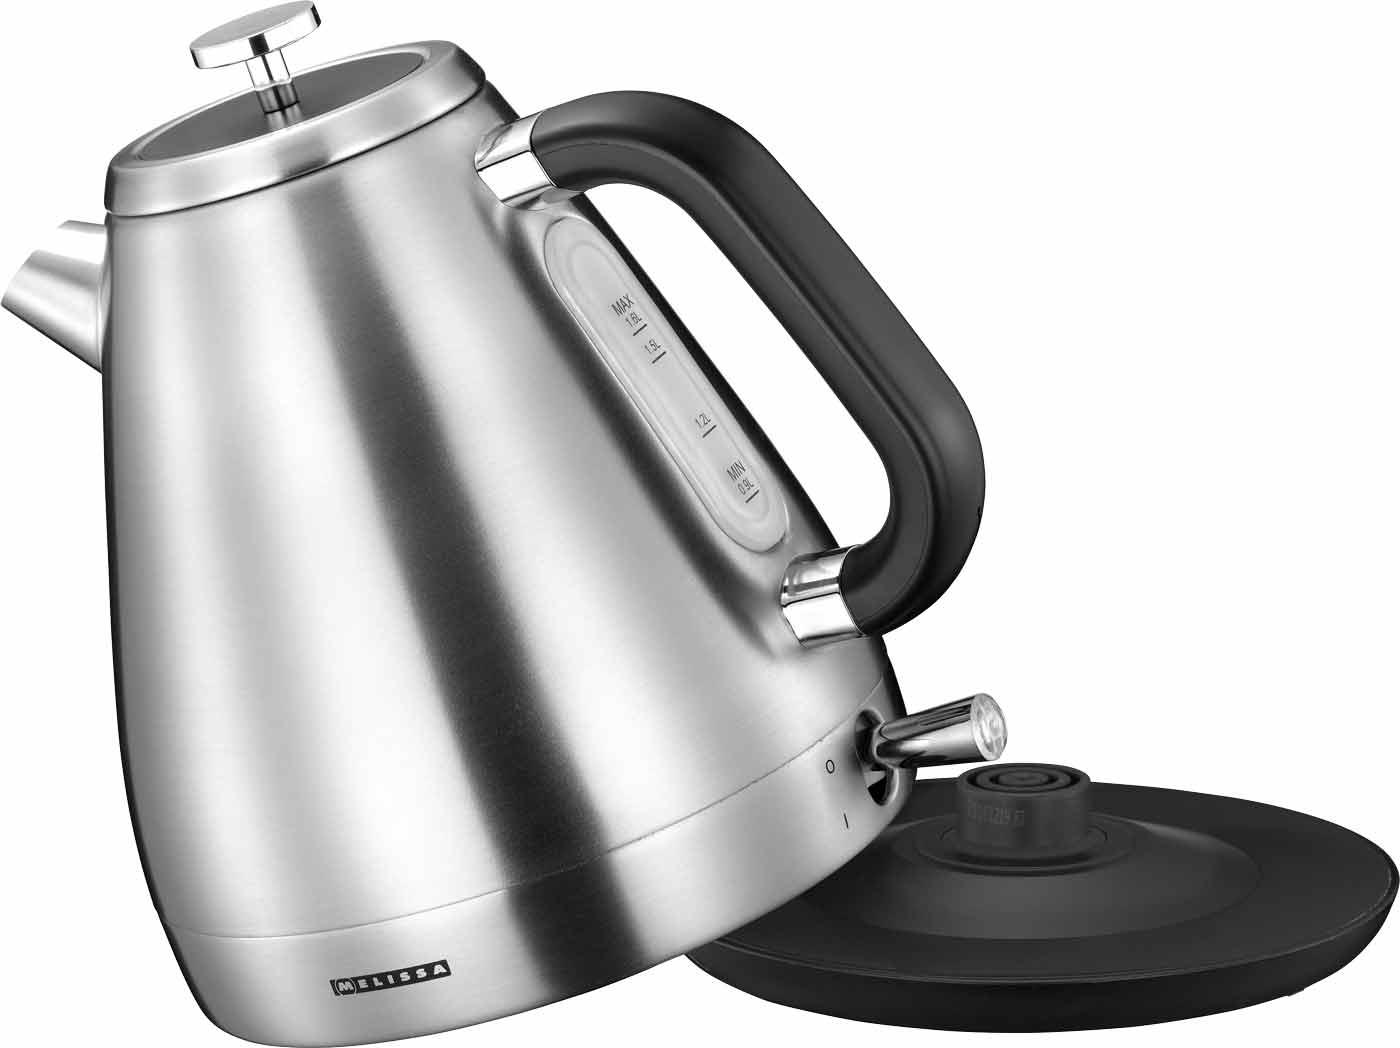 Melissa 16130276 Wasserkocher Retro Design der 50er Jahre 1,6 Liter – Bild 1